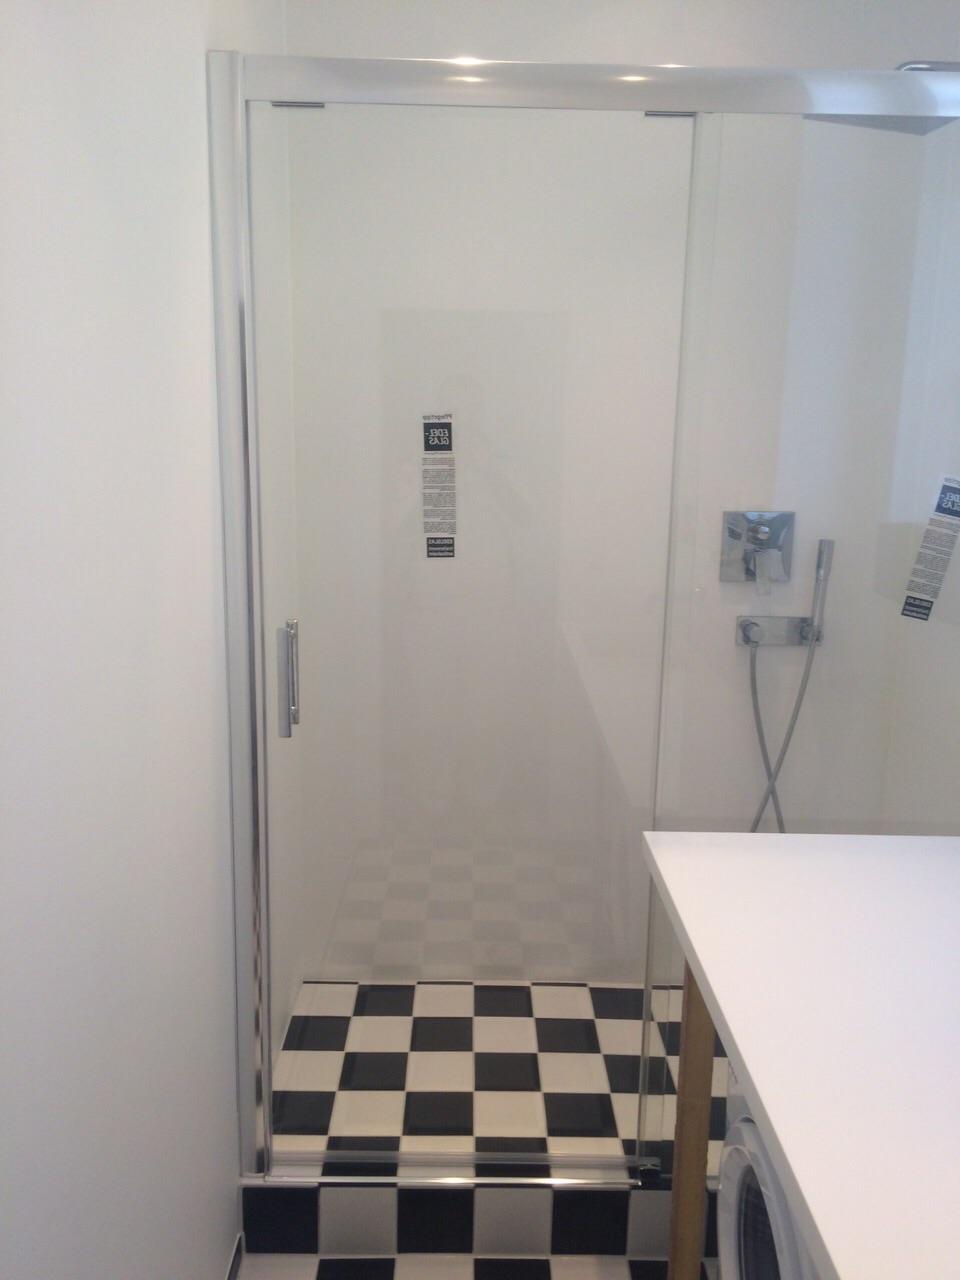 Badsanierung , Fugenlose Wände , Boden Schwarz Weiß Schachbrett Bodenfliese V&B , Corian Waschtisch Sonderanfertigung